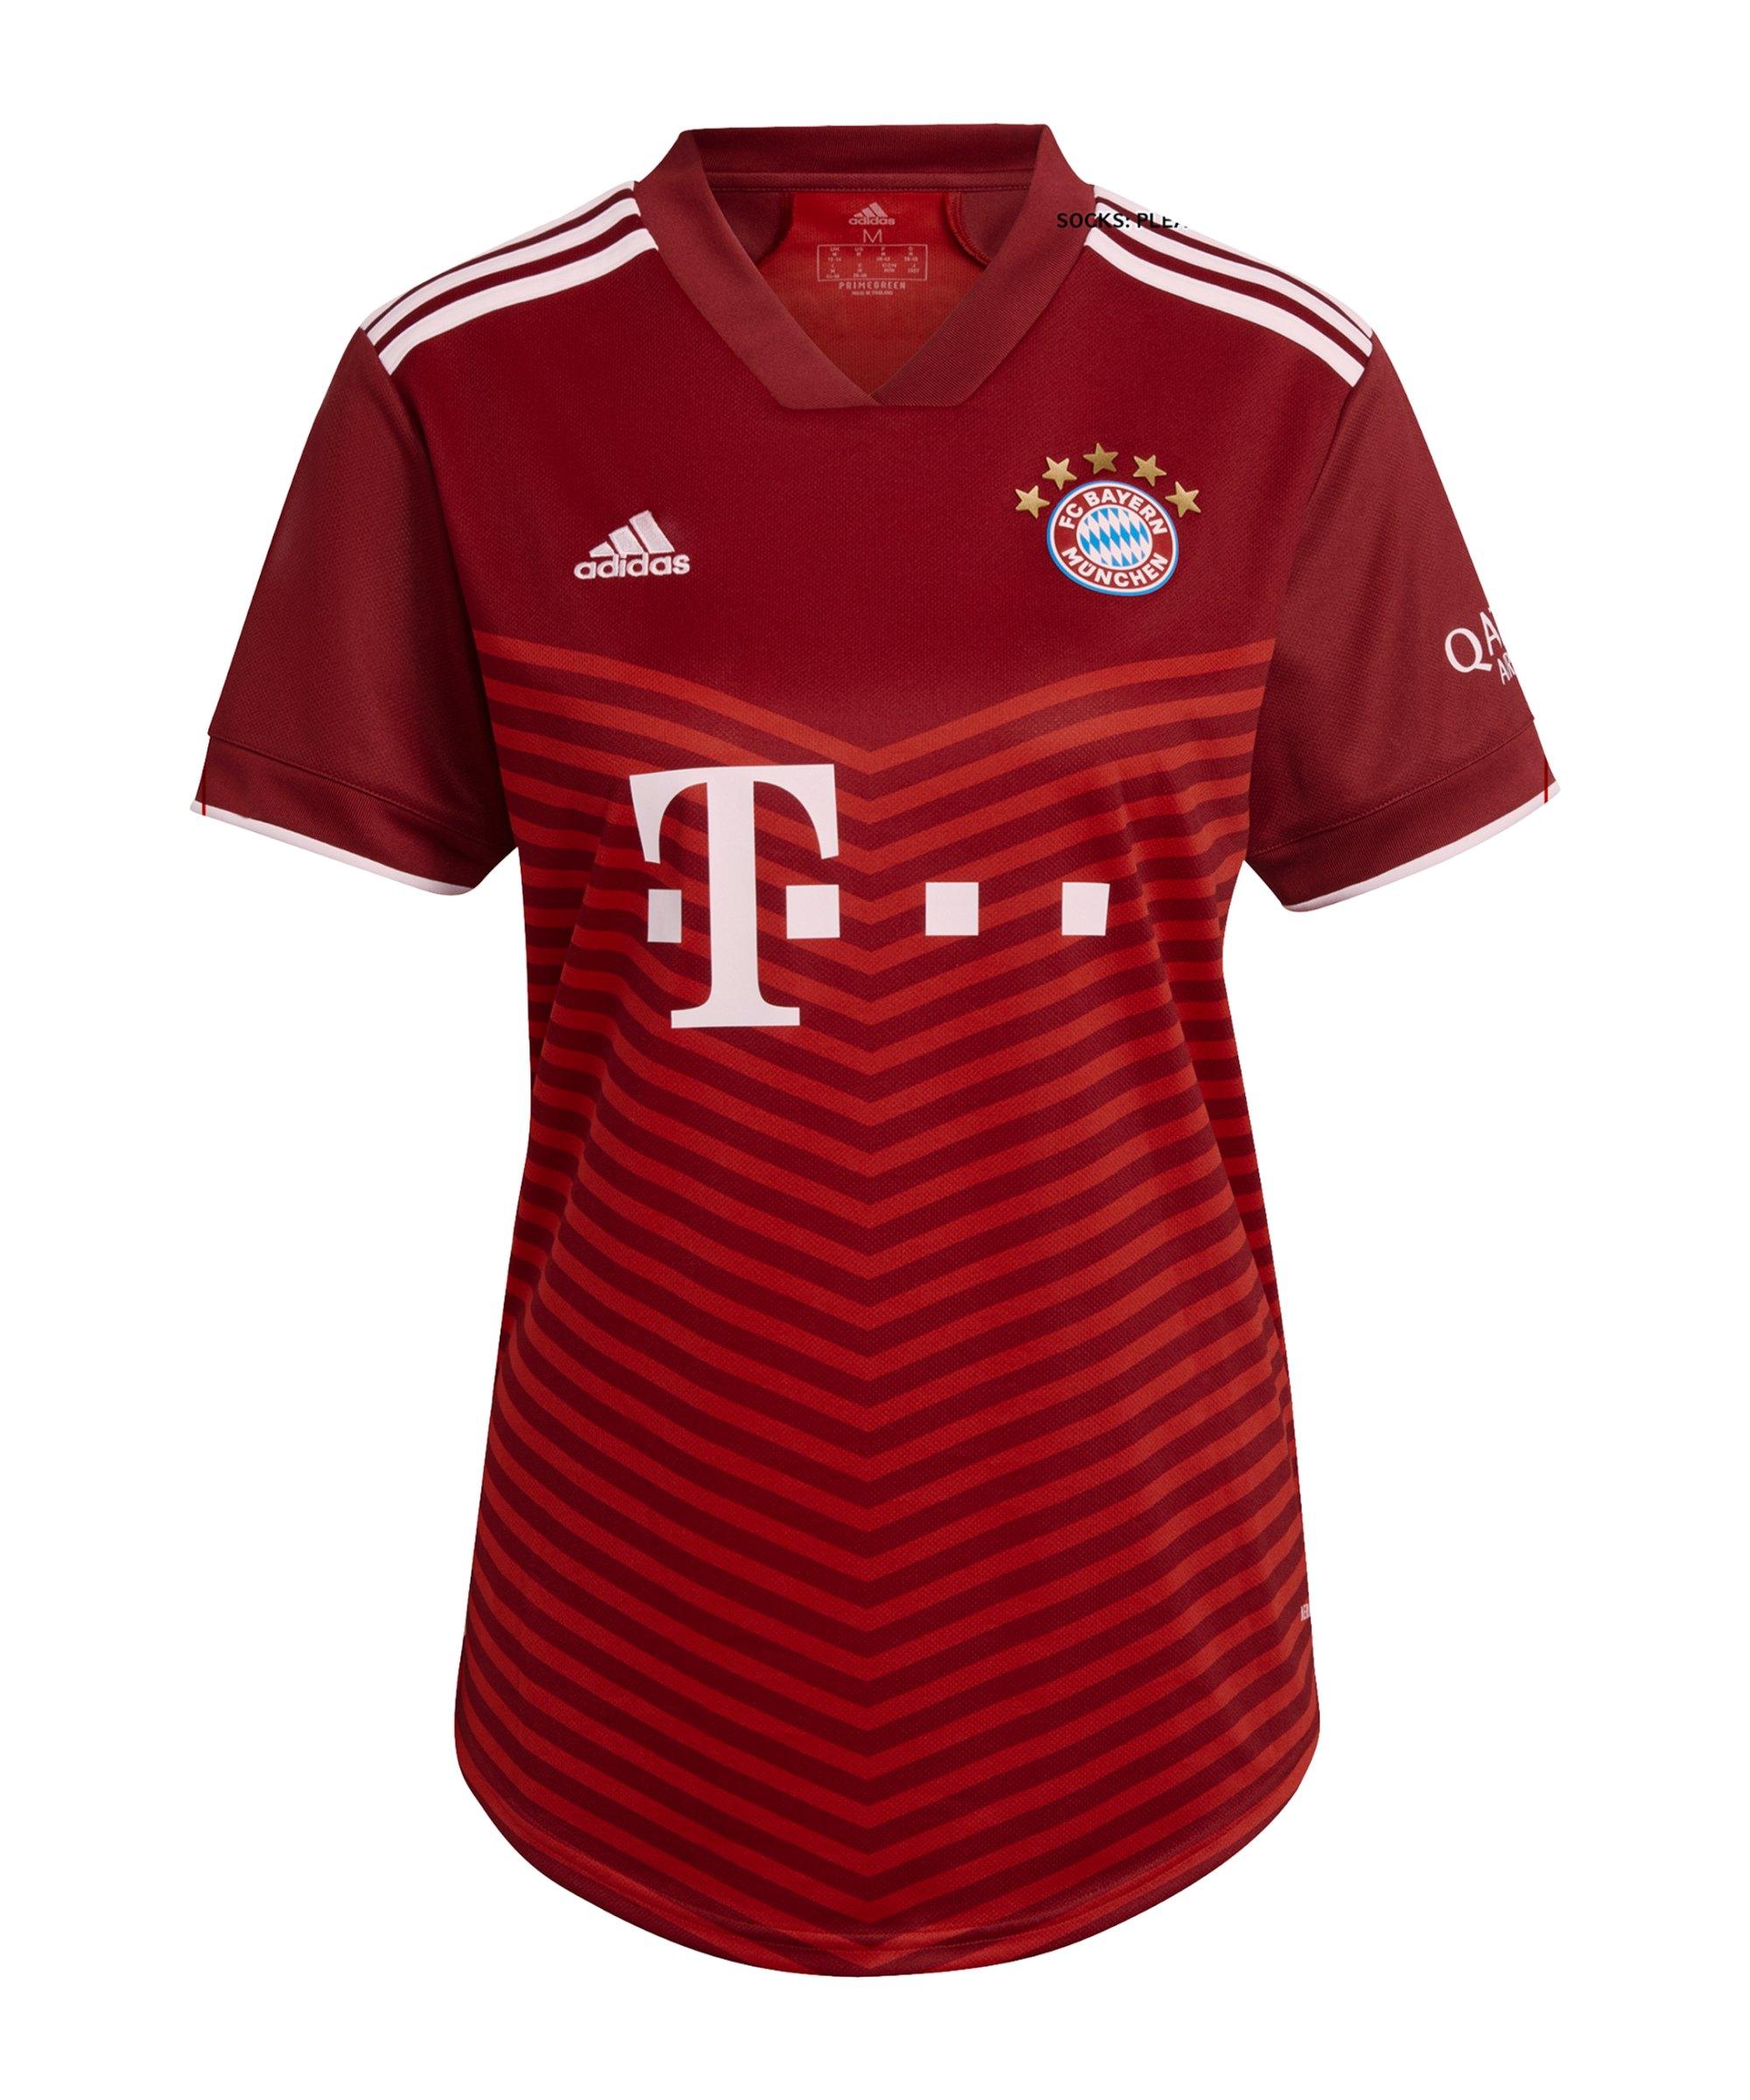 adidas FC Bayern München Trikot Home 2021/2022 Damen Rot - rot